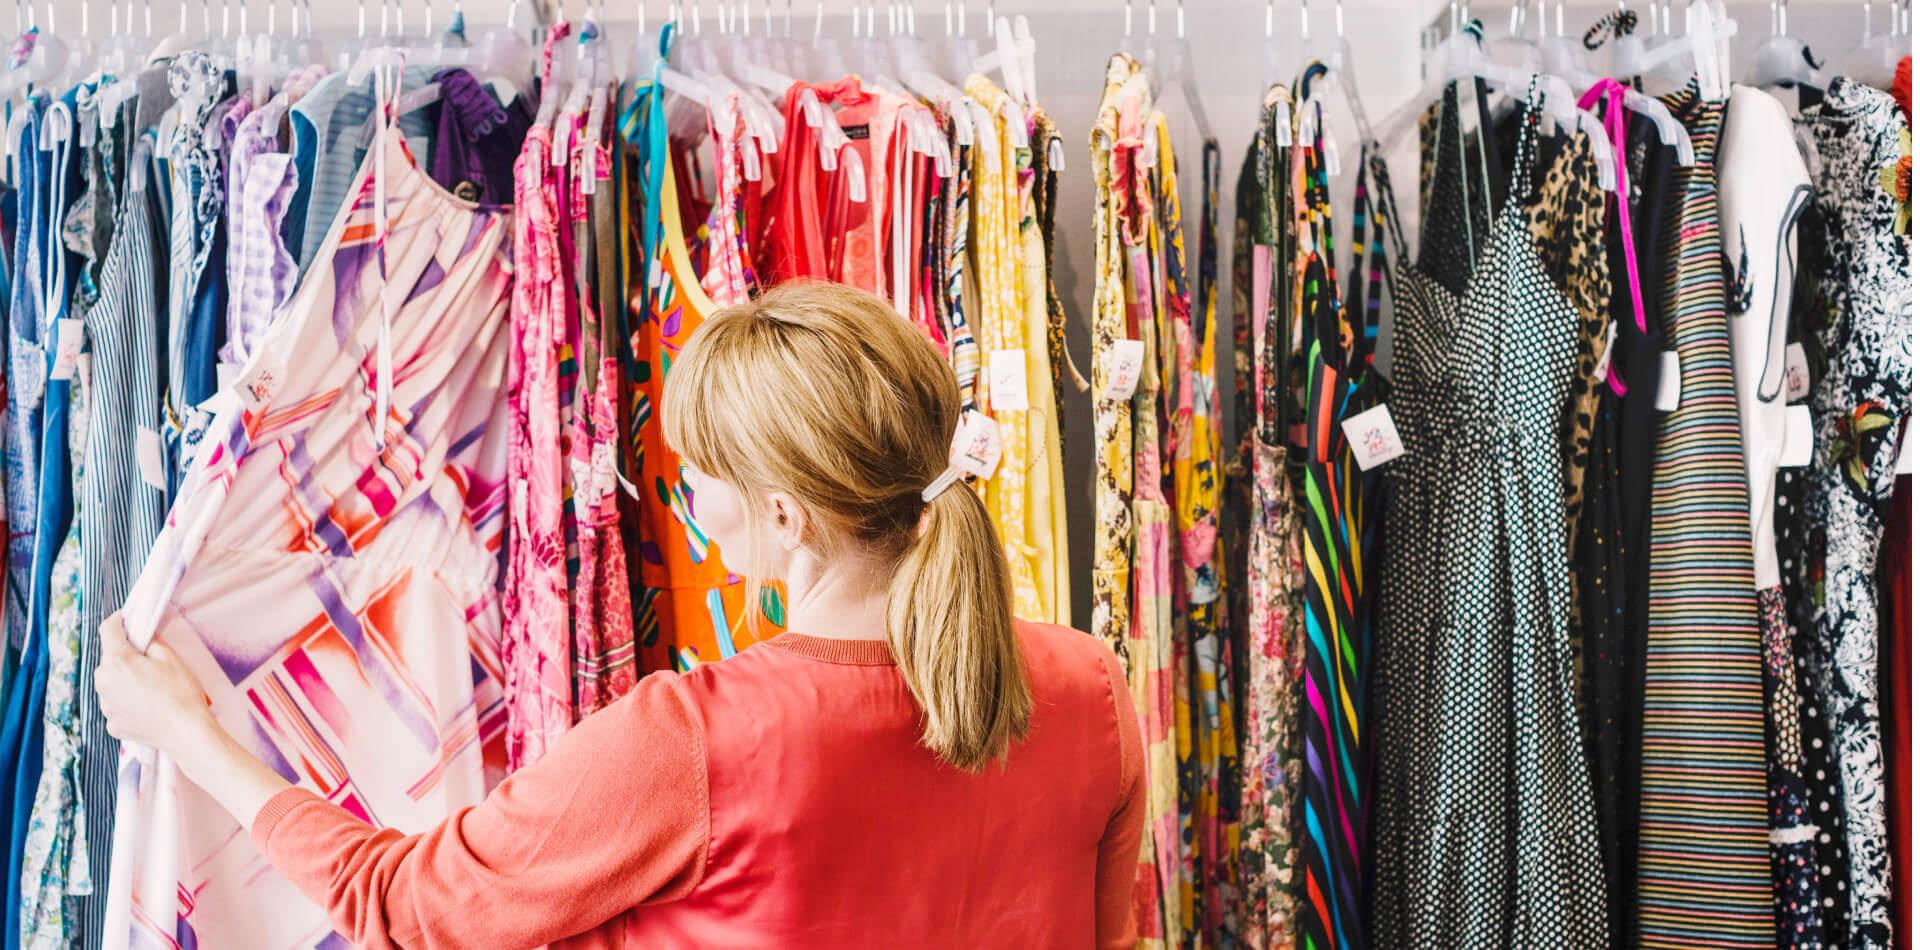 Life's Treasures Thrift Store Volunteer Opportunities